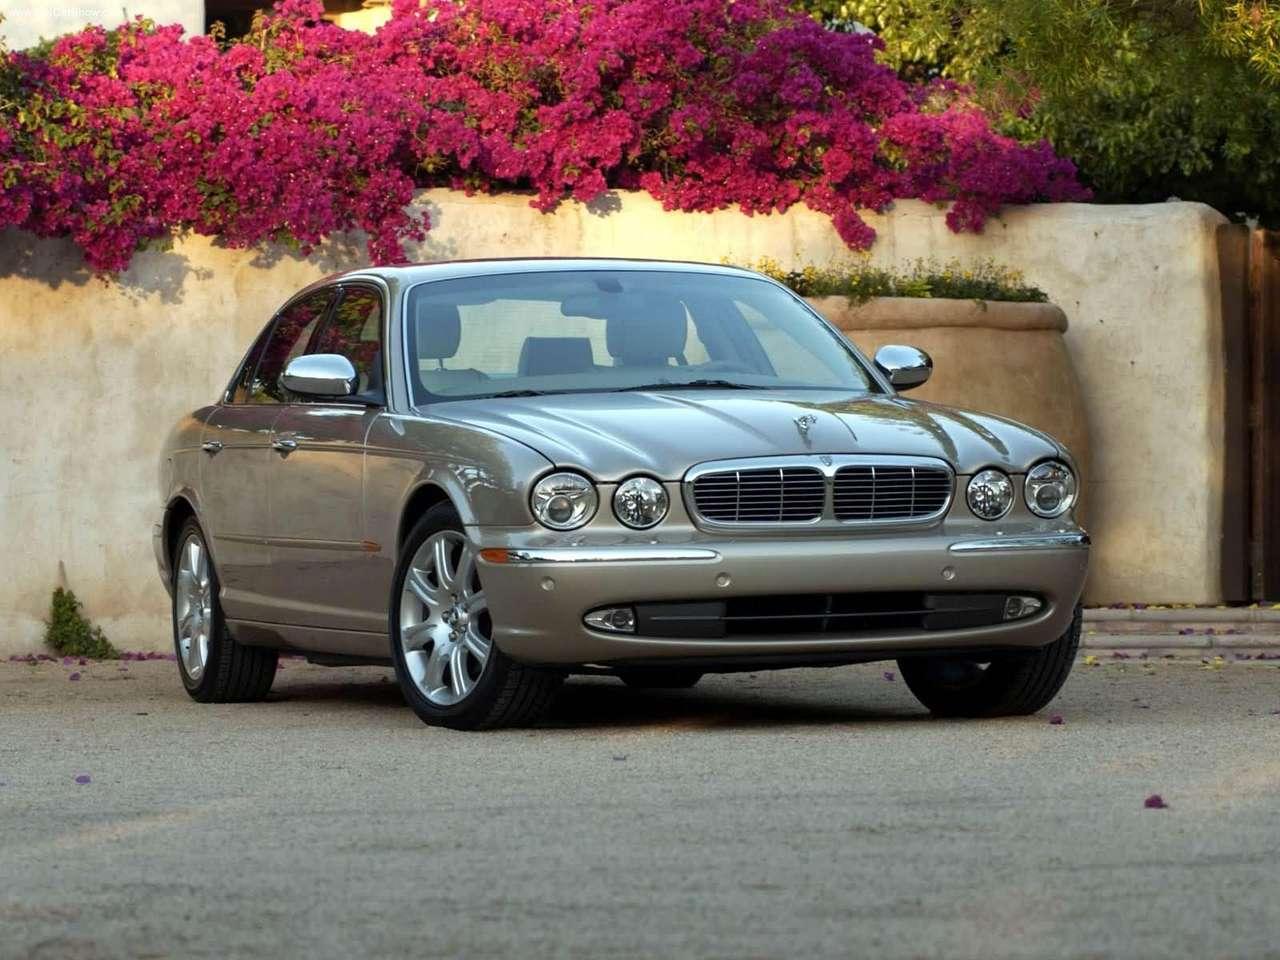 http://1.bp.blogspot.com/-50ldT173z3Y/TZ8w7NffxtI/AAAAAAAACyc/0jdysKn8bm4/s1600/Jaguar-XJ8_Vanden_Plas_2004_1280x960_wallpaper_01.jpg